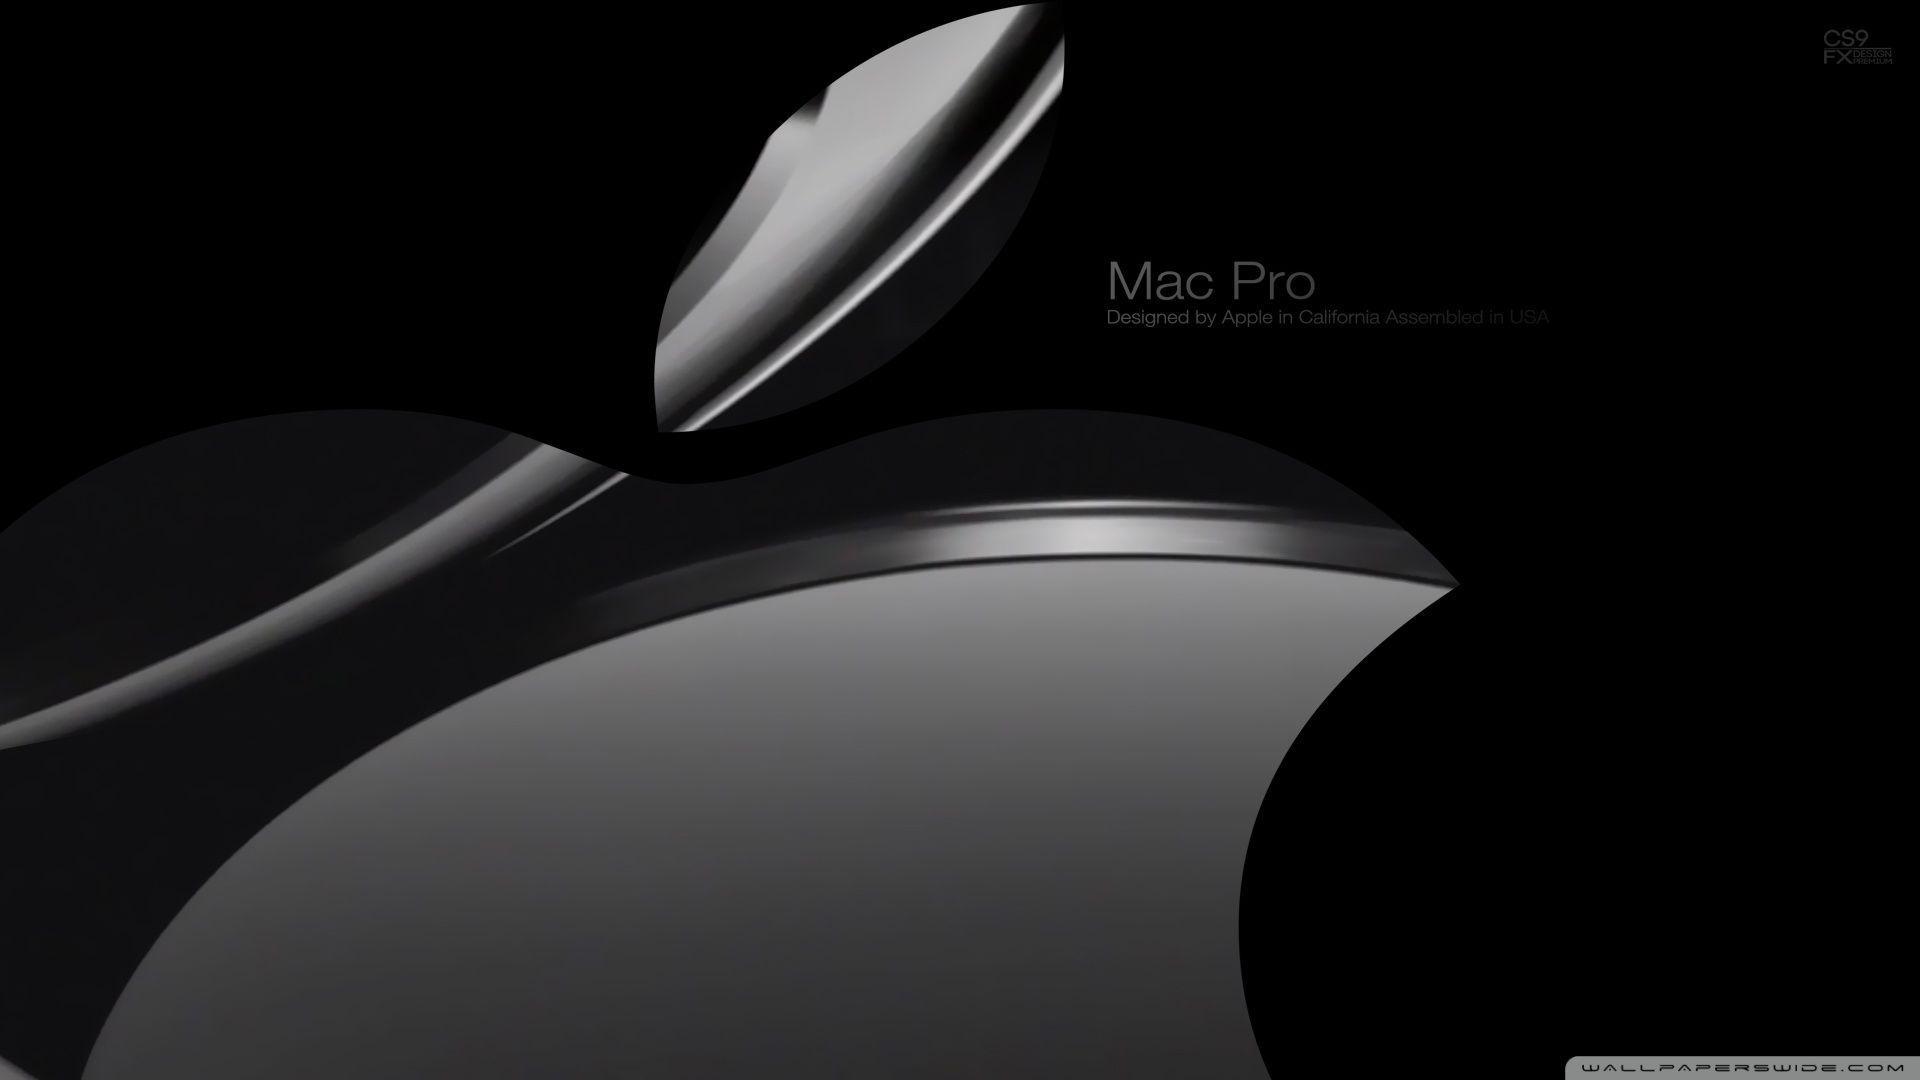 Wwdc Wallpaper 4k: Top Free Mac Pro Backgrounds